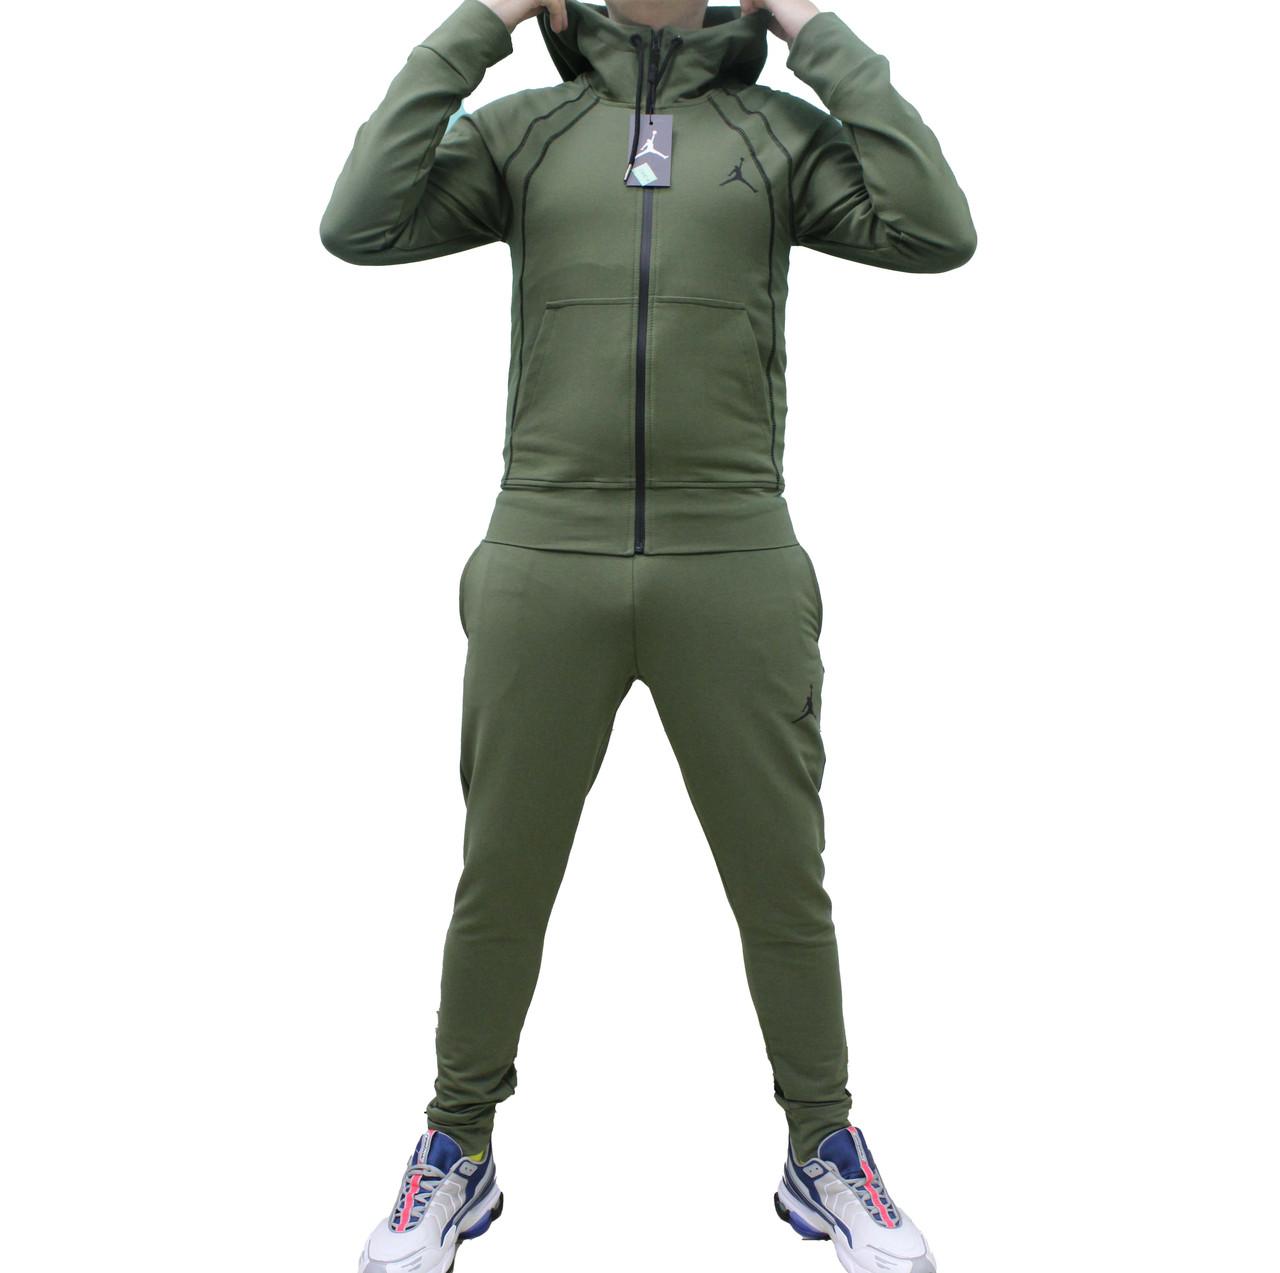 Мужской стильный трикотажный костюм Jordan  цвета хаки на манжетах (Реплика)